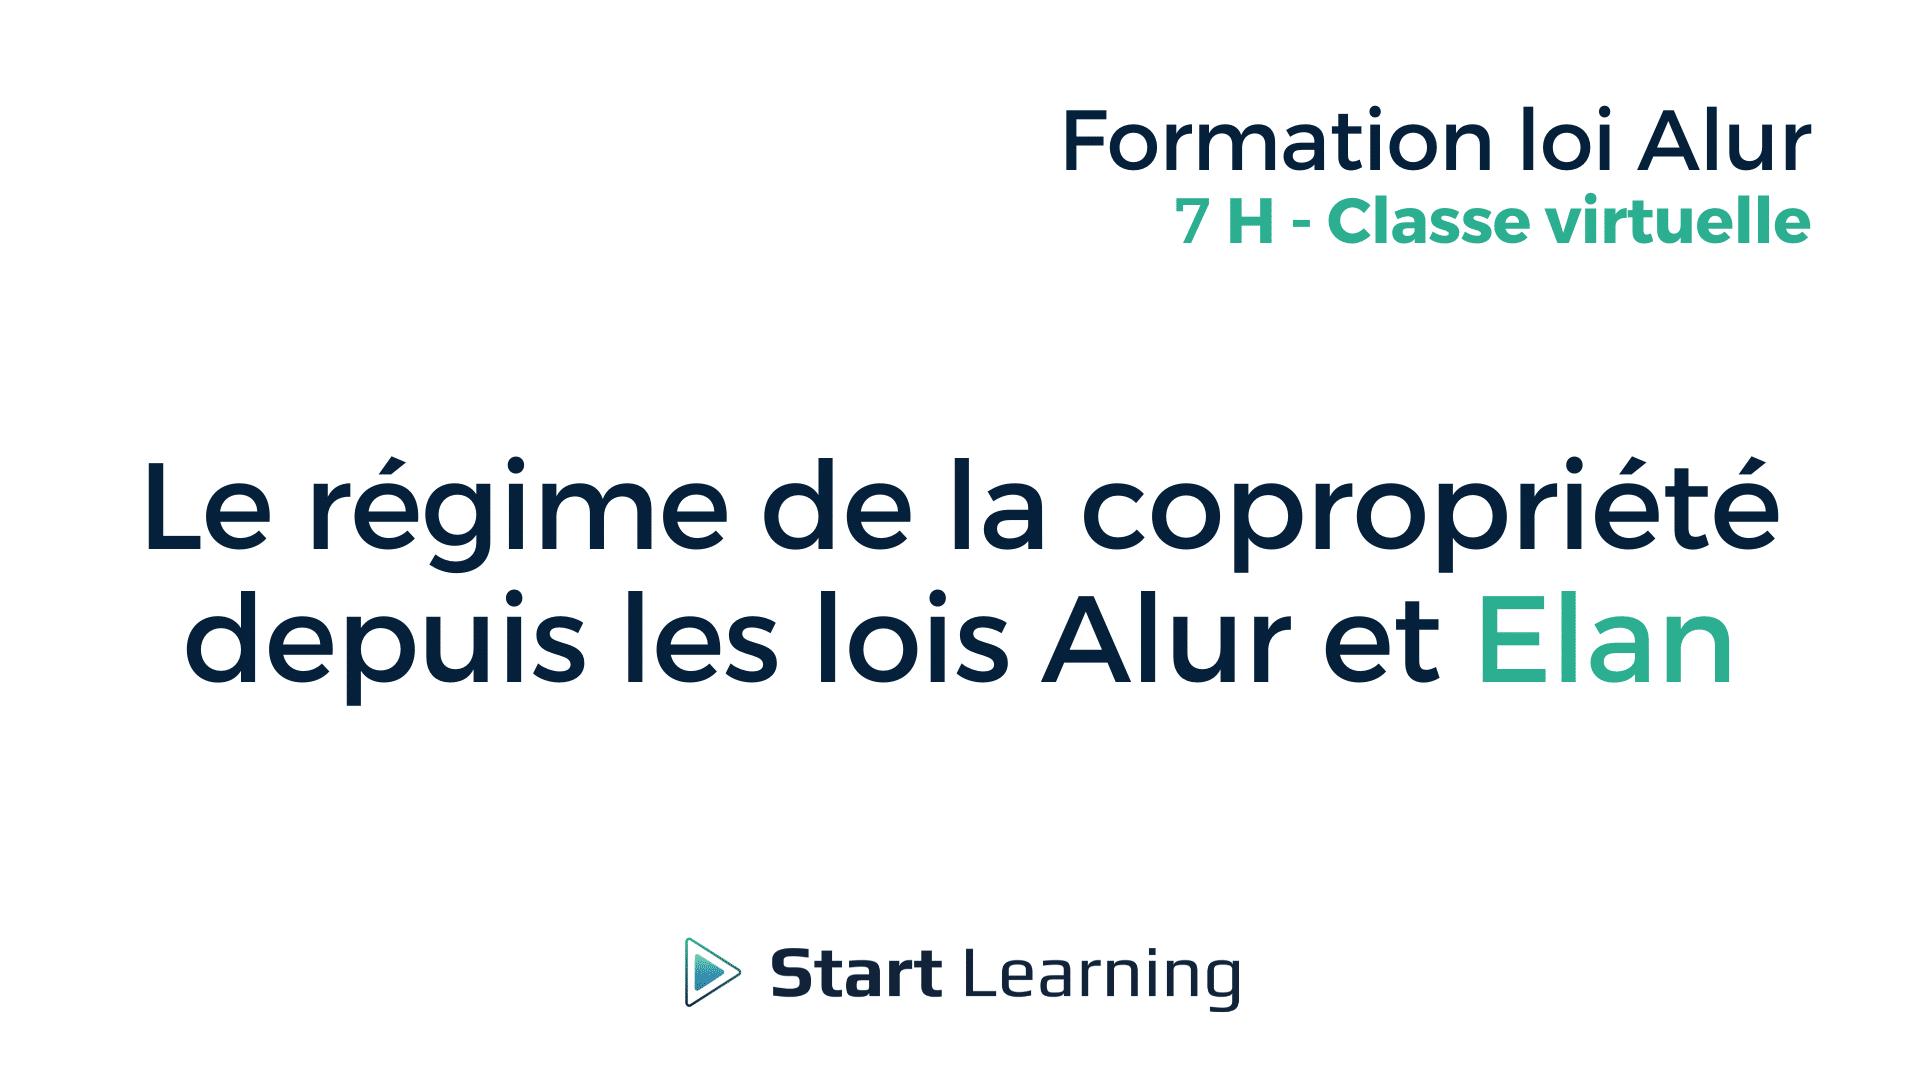 Formation loi Alur classe virtuelle - Le régime de la copropriété depuis les lois Elan et Alur